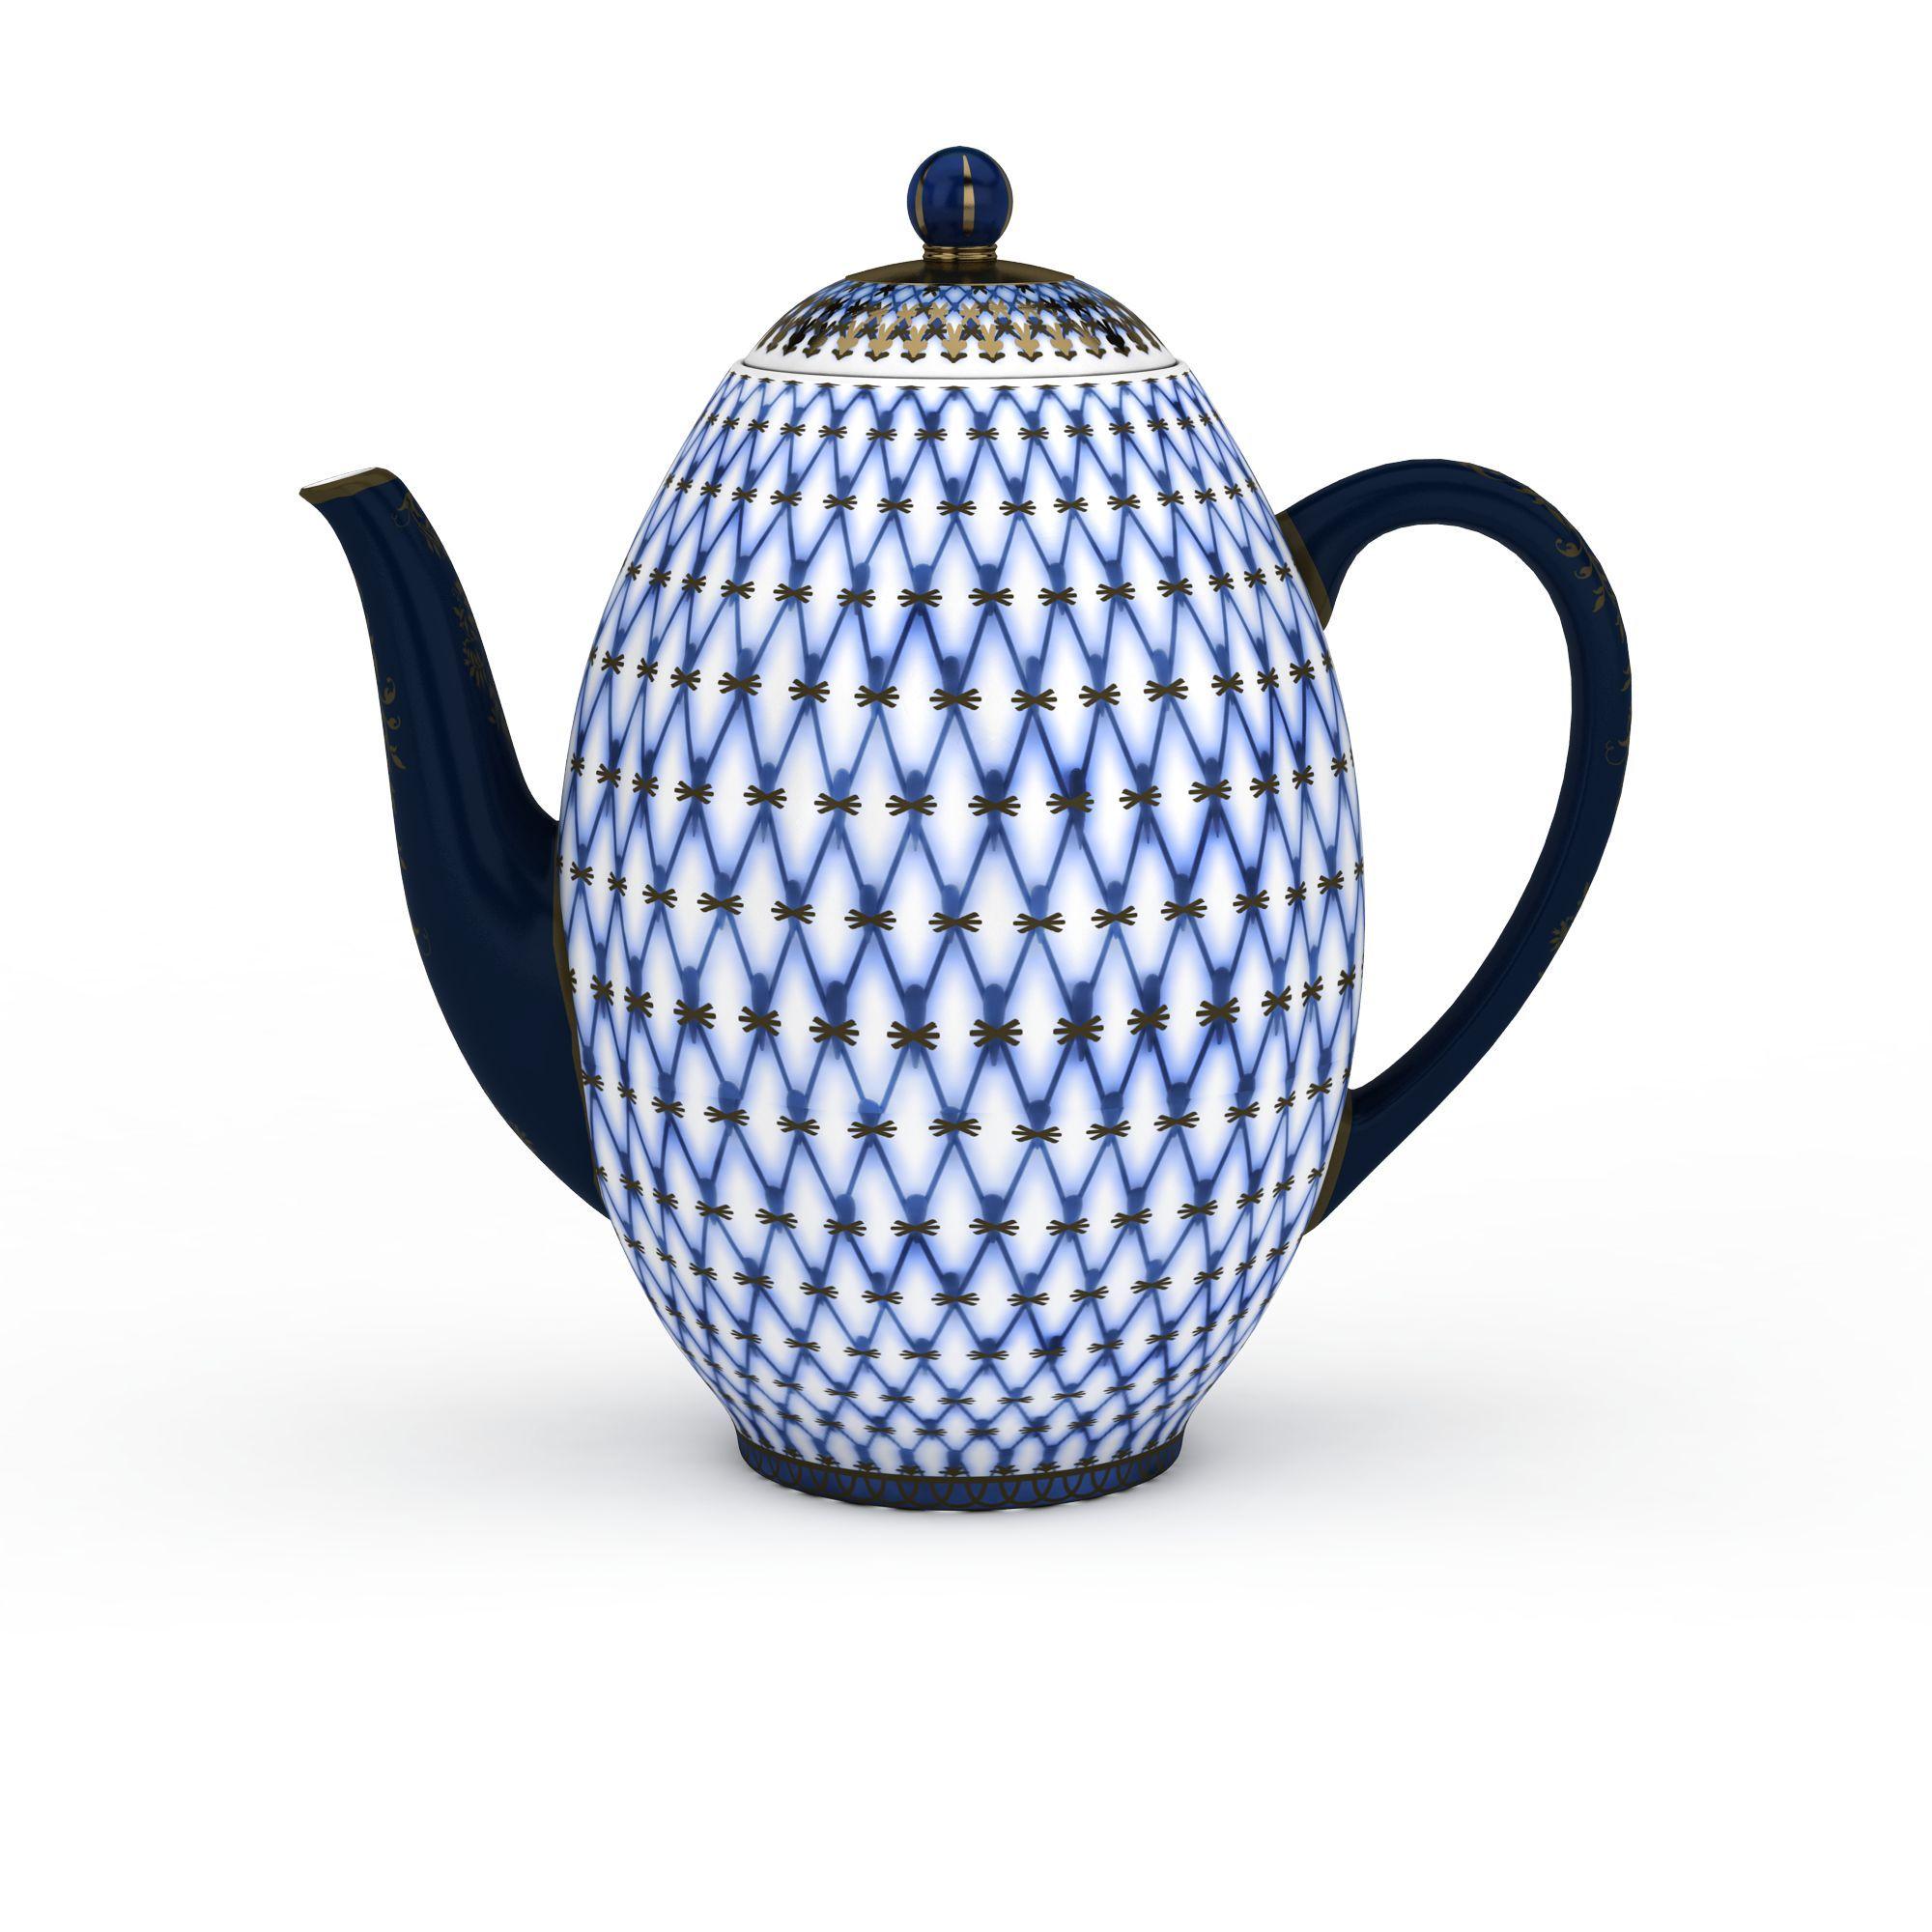 菱形花纹茶壶高清图下载